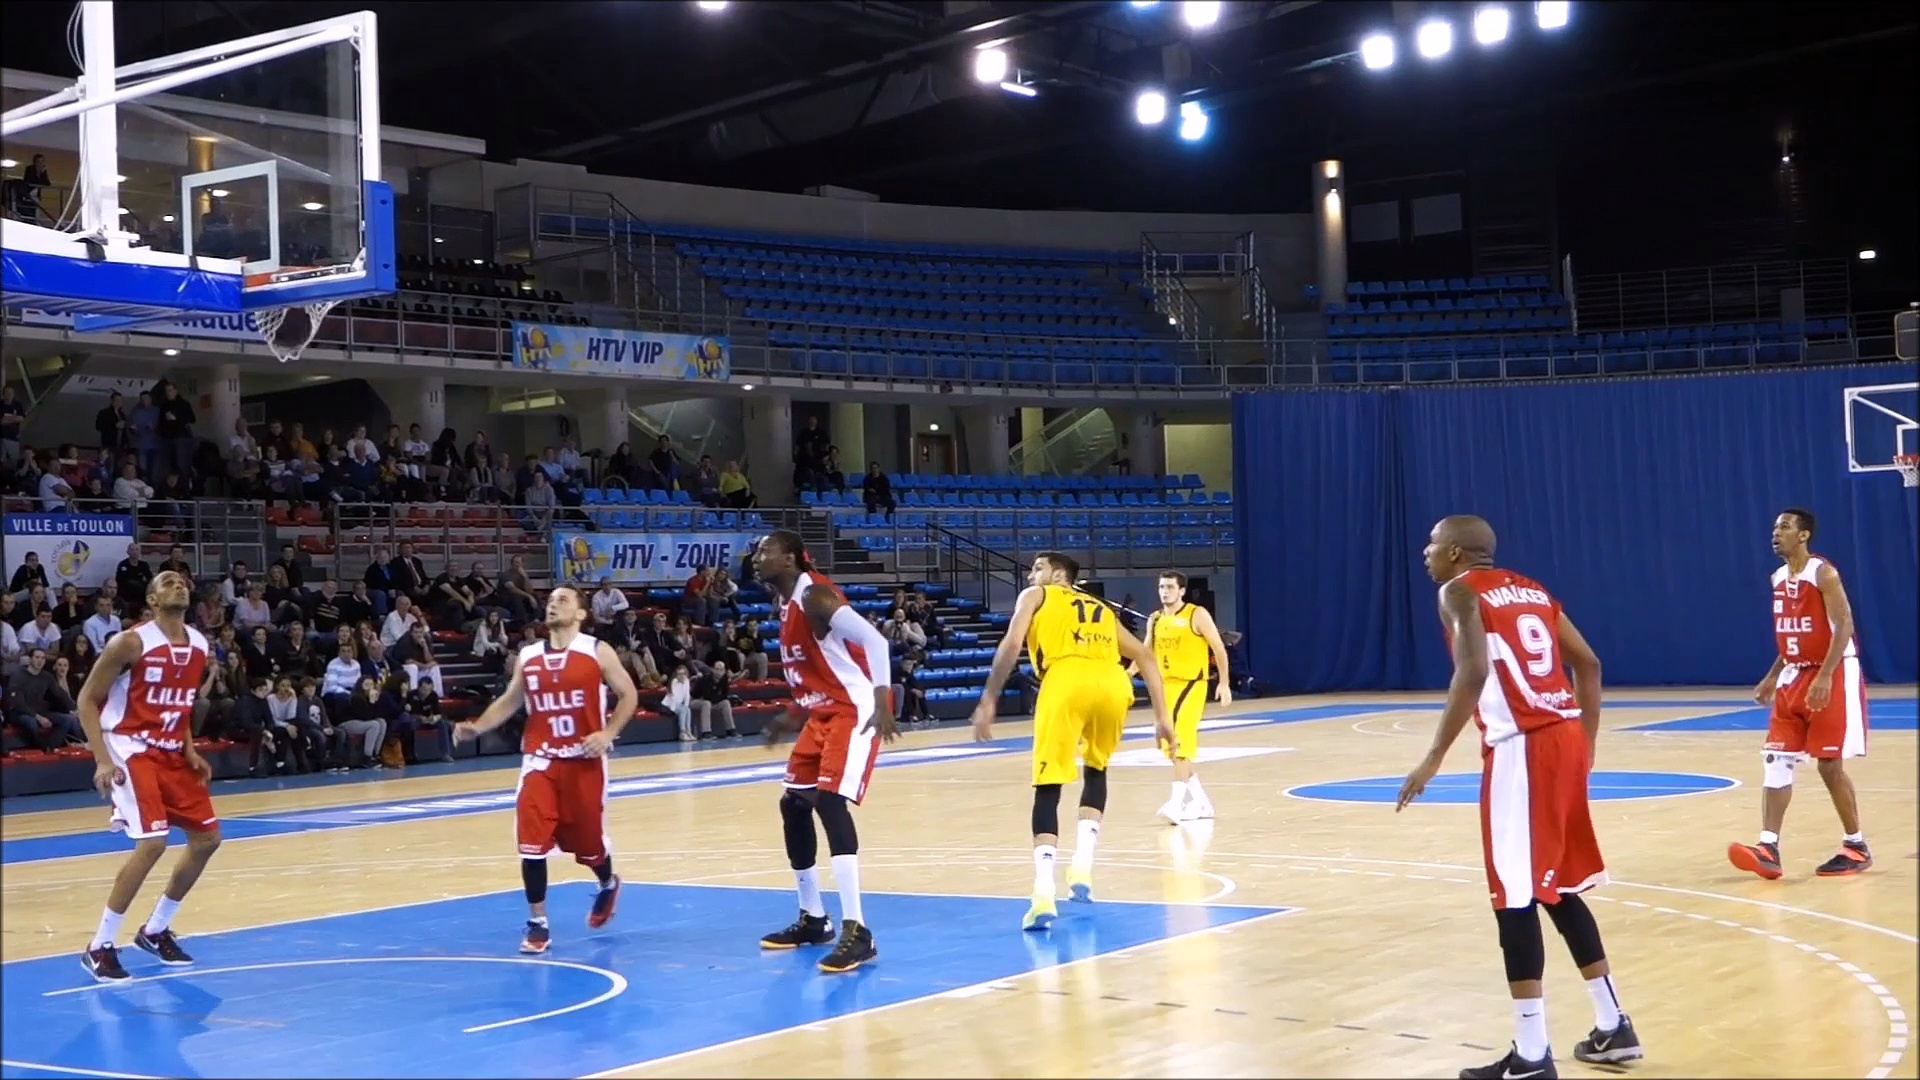 Fabien ATEBA HTV BASKETBALL HIGHLIGHTS